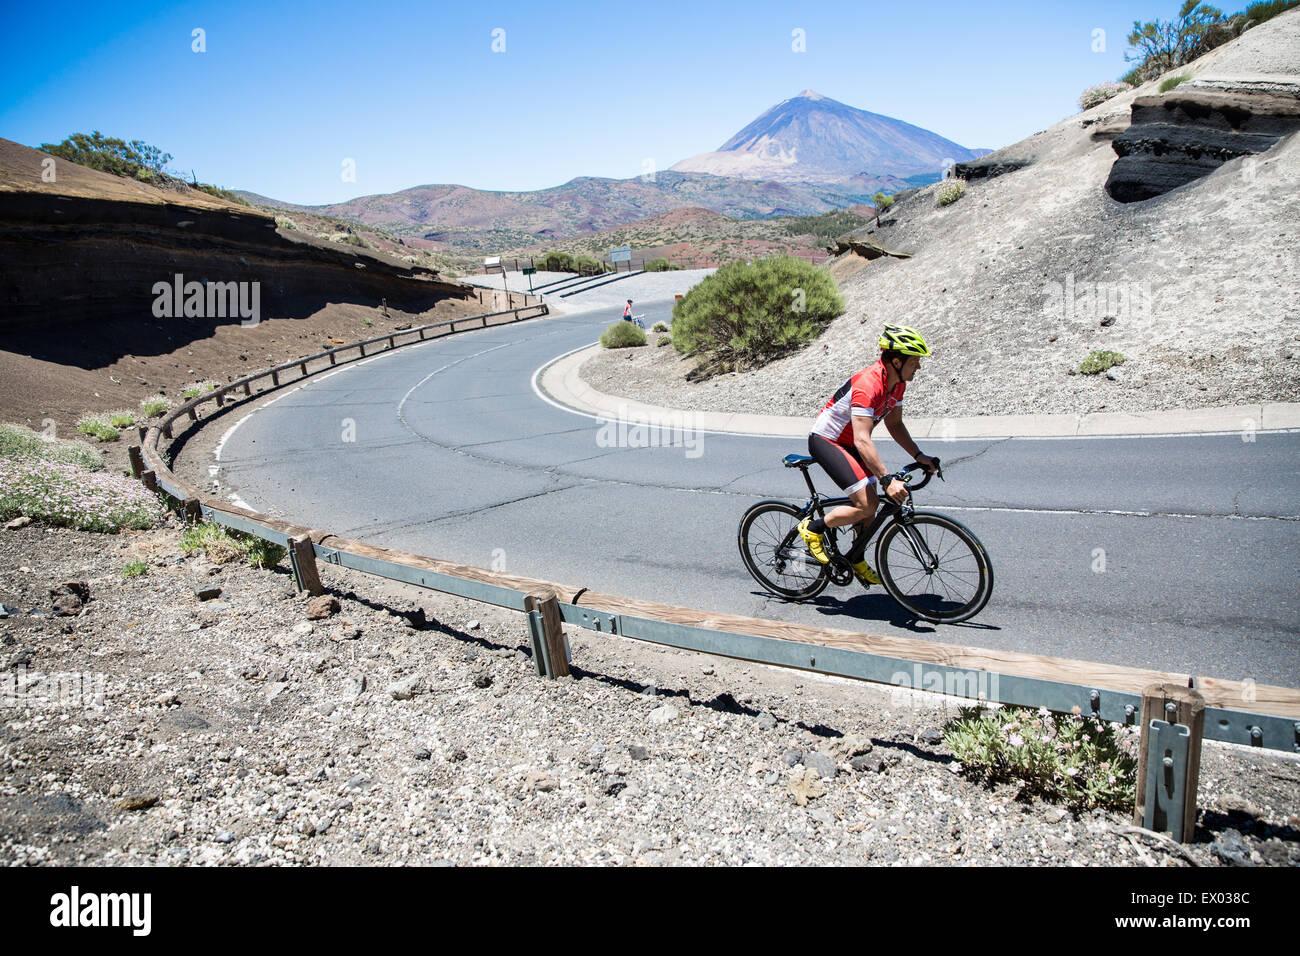 Ciclista ciclismo de carretera sinuosa, Tenerife, Islas Canarias, España Imagen De Stock